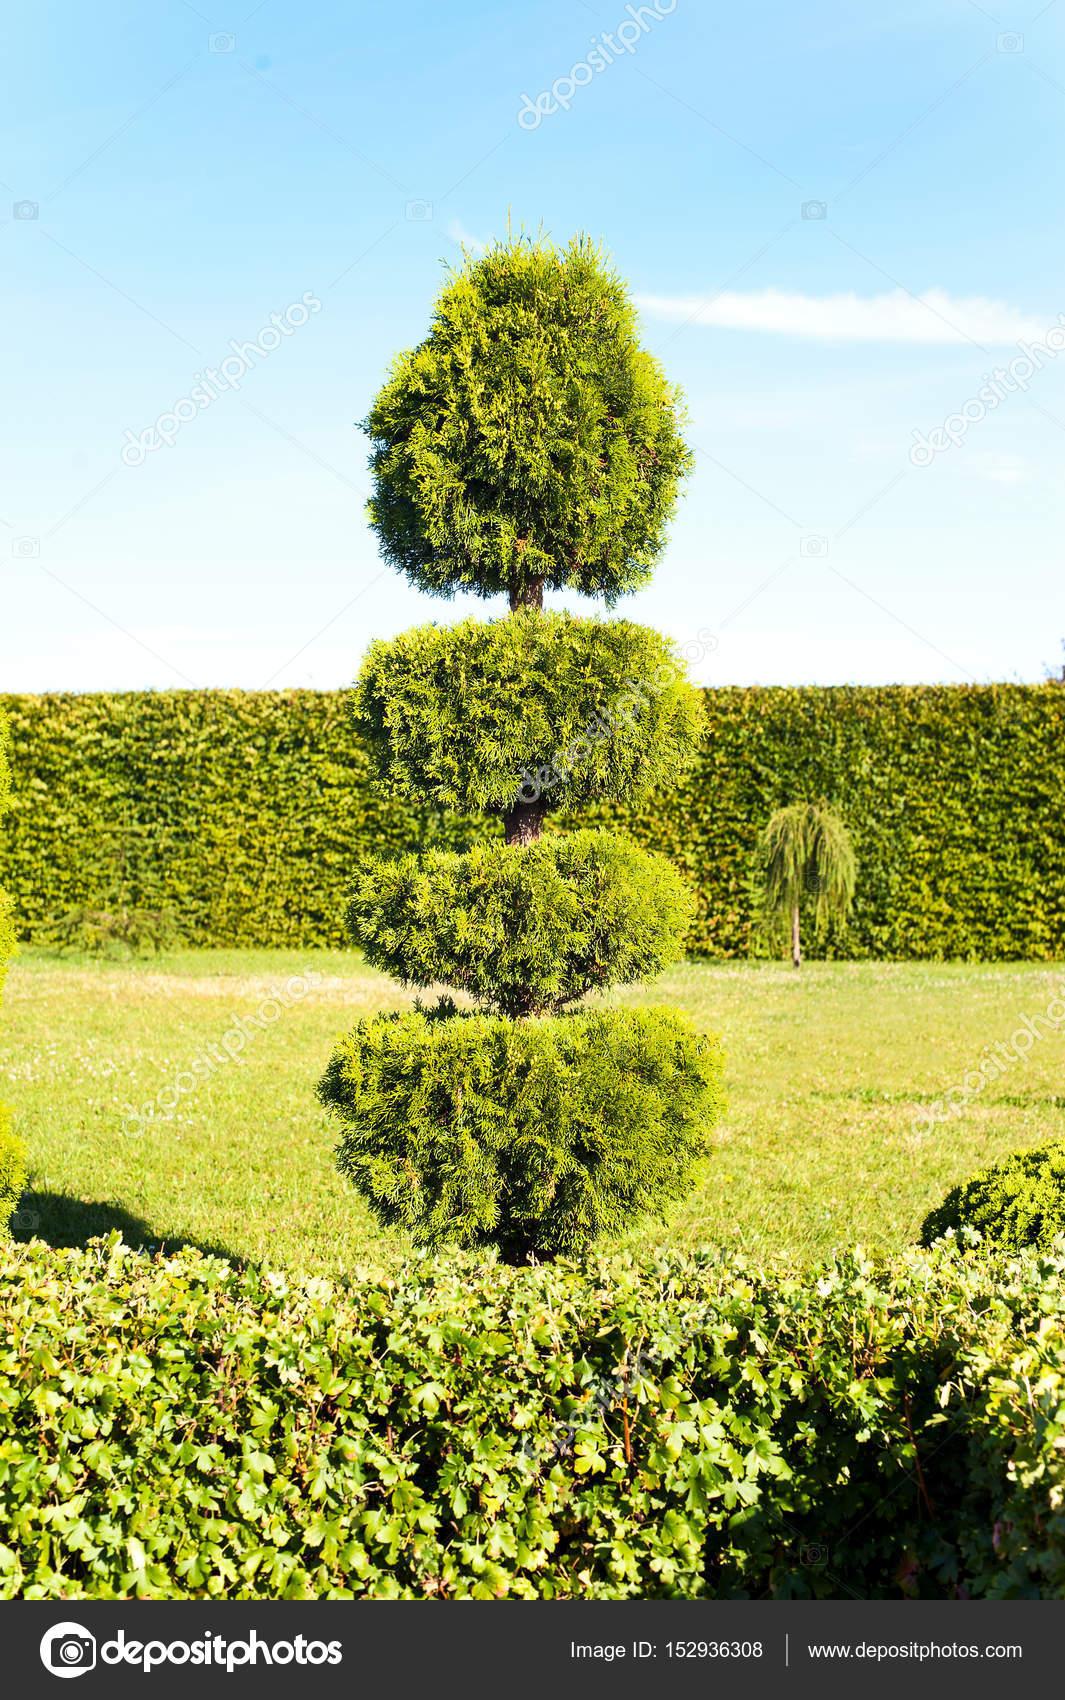 grün Thuja Hecke auf Hintergrund in ornamentalen garde — Stockfoto